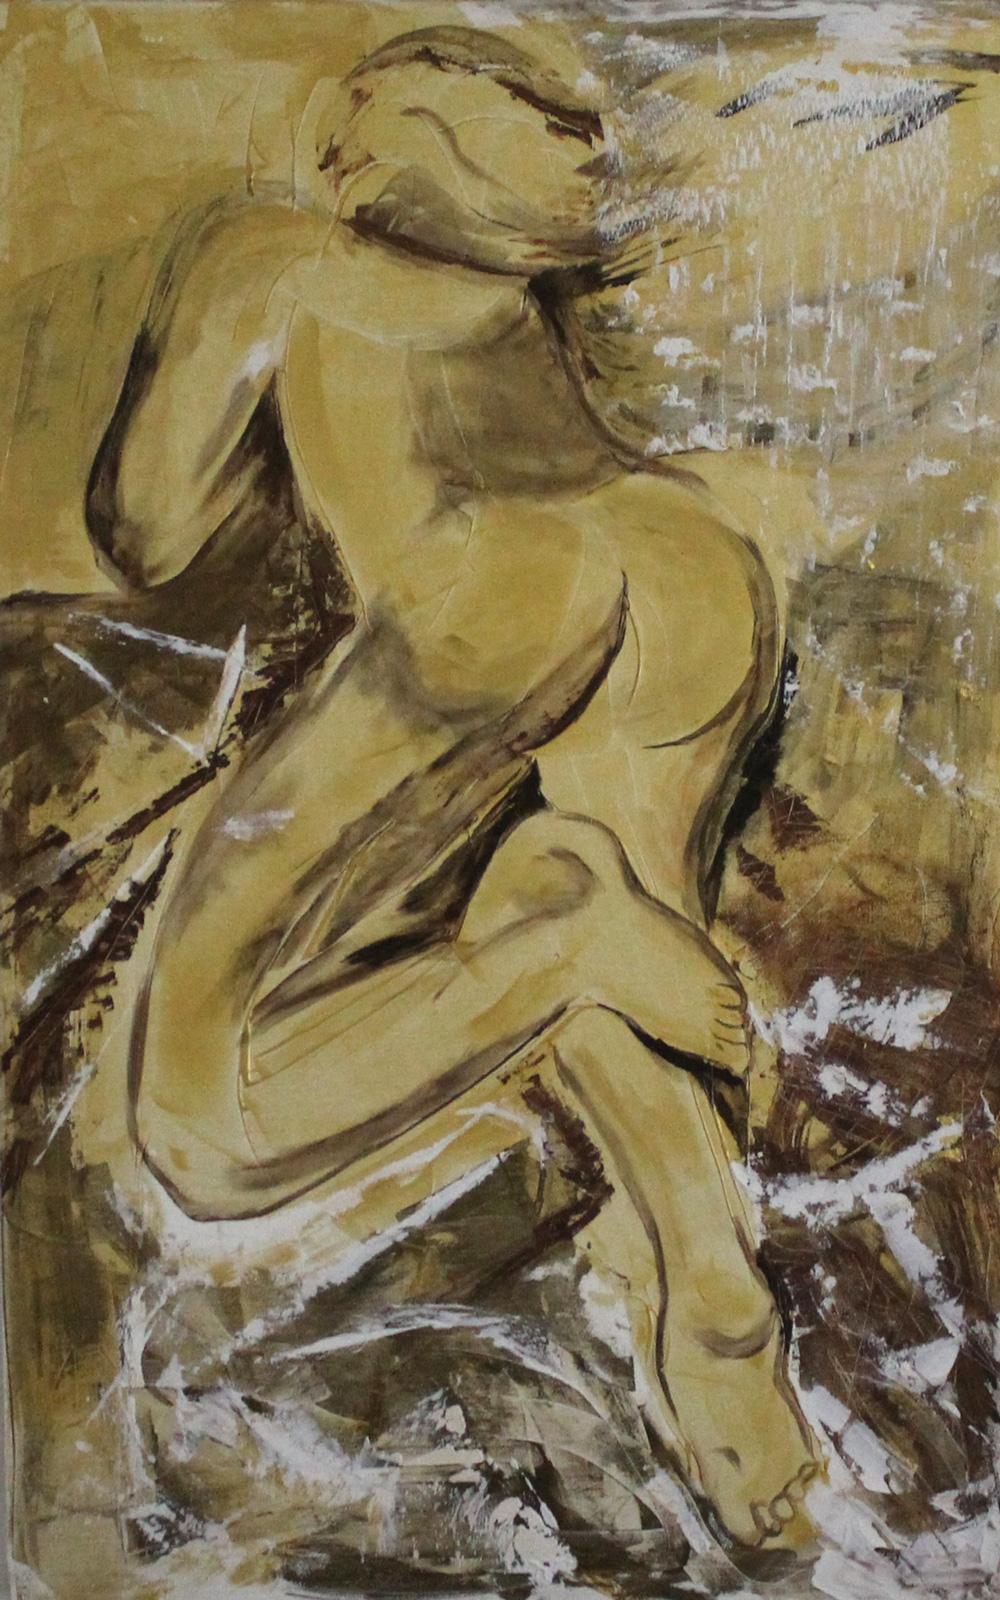 Serena Casali Uomo d'oro Acrilico su tela 110x90 cm